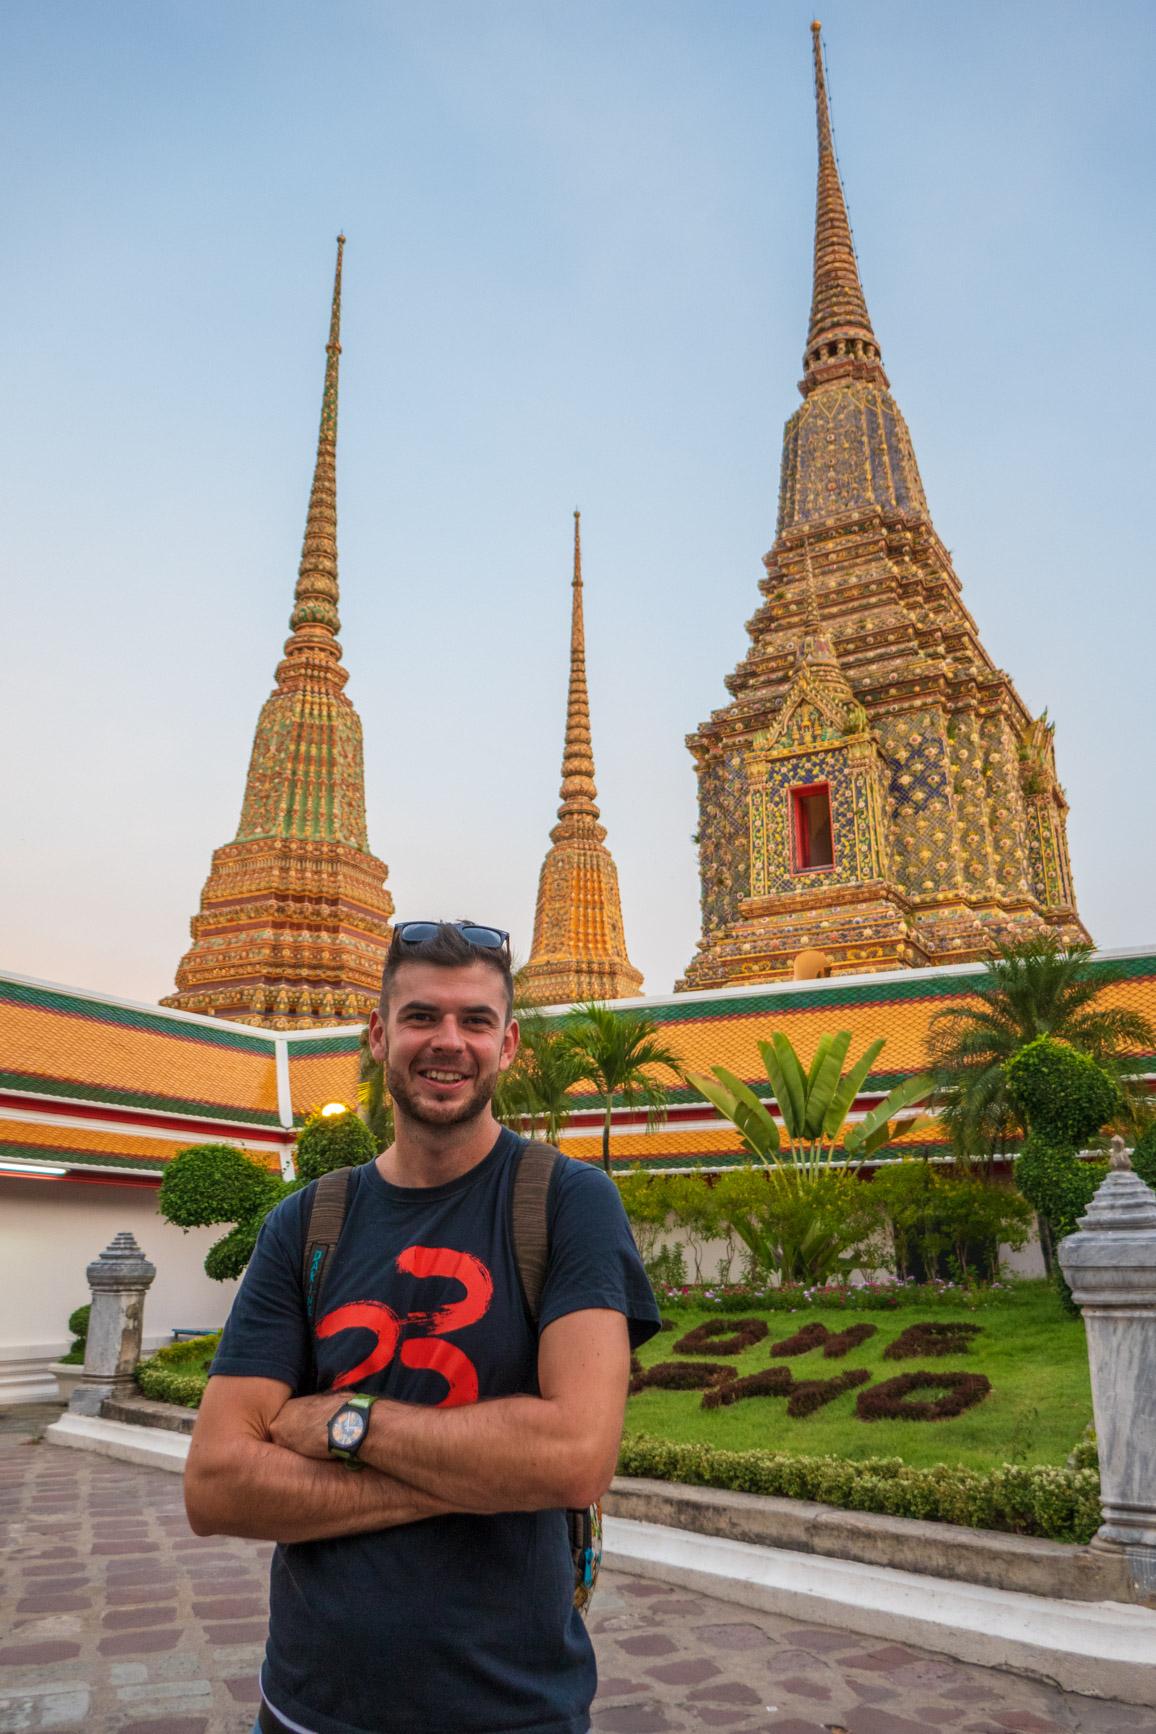 https://bubo.sk/uploads/galleries/5062/martinsimko_thajsko_bangkok_p1010686.jpg